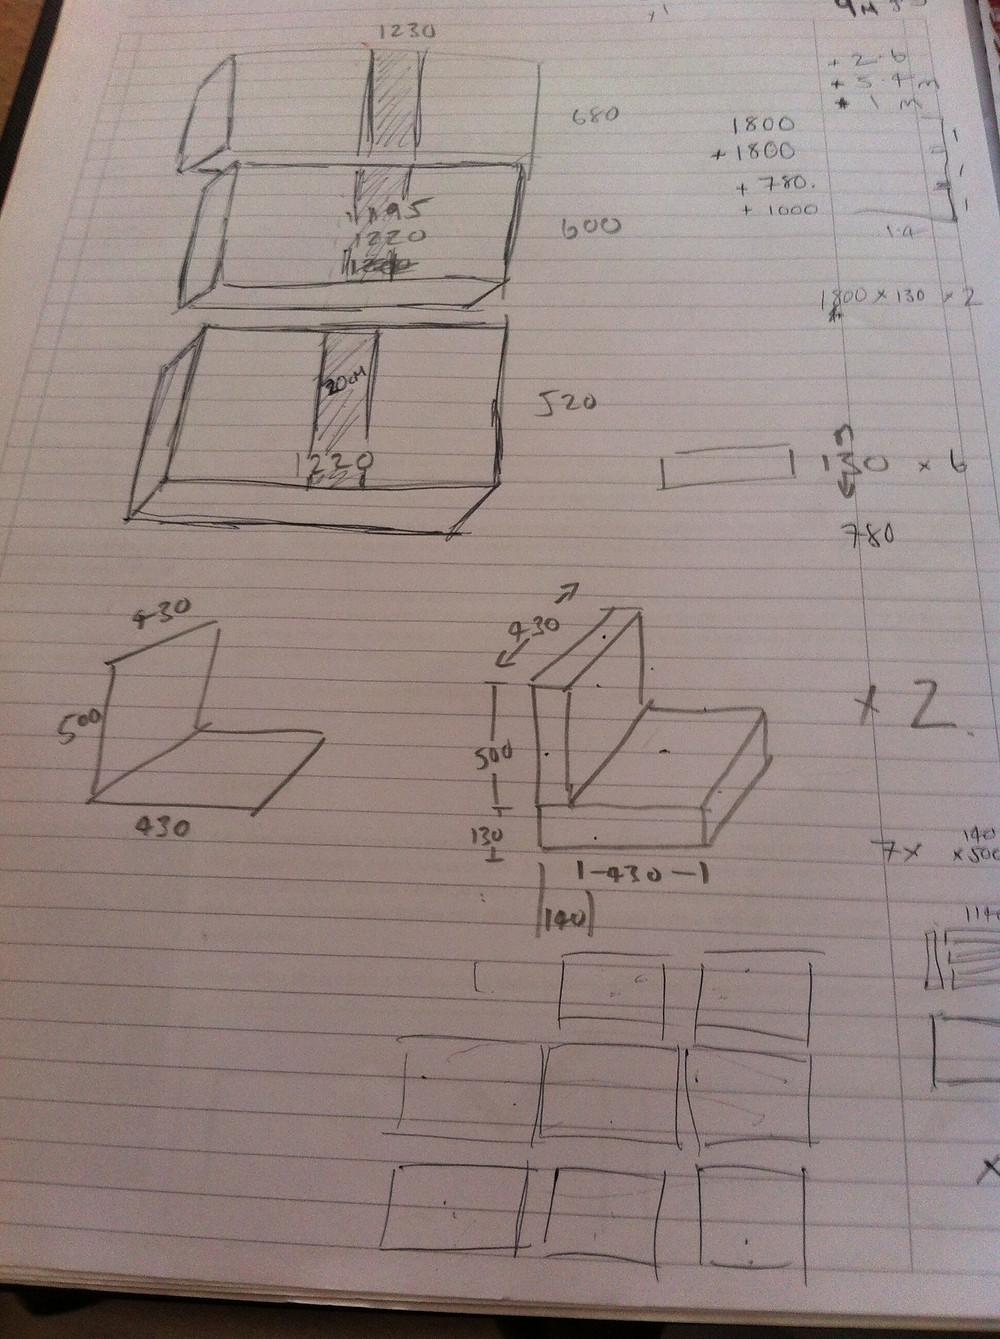 Upholstery Pics.jpg